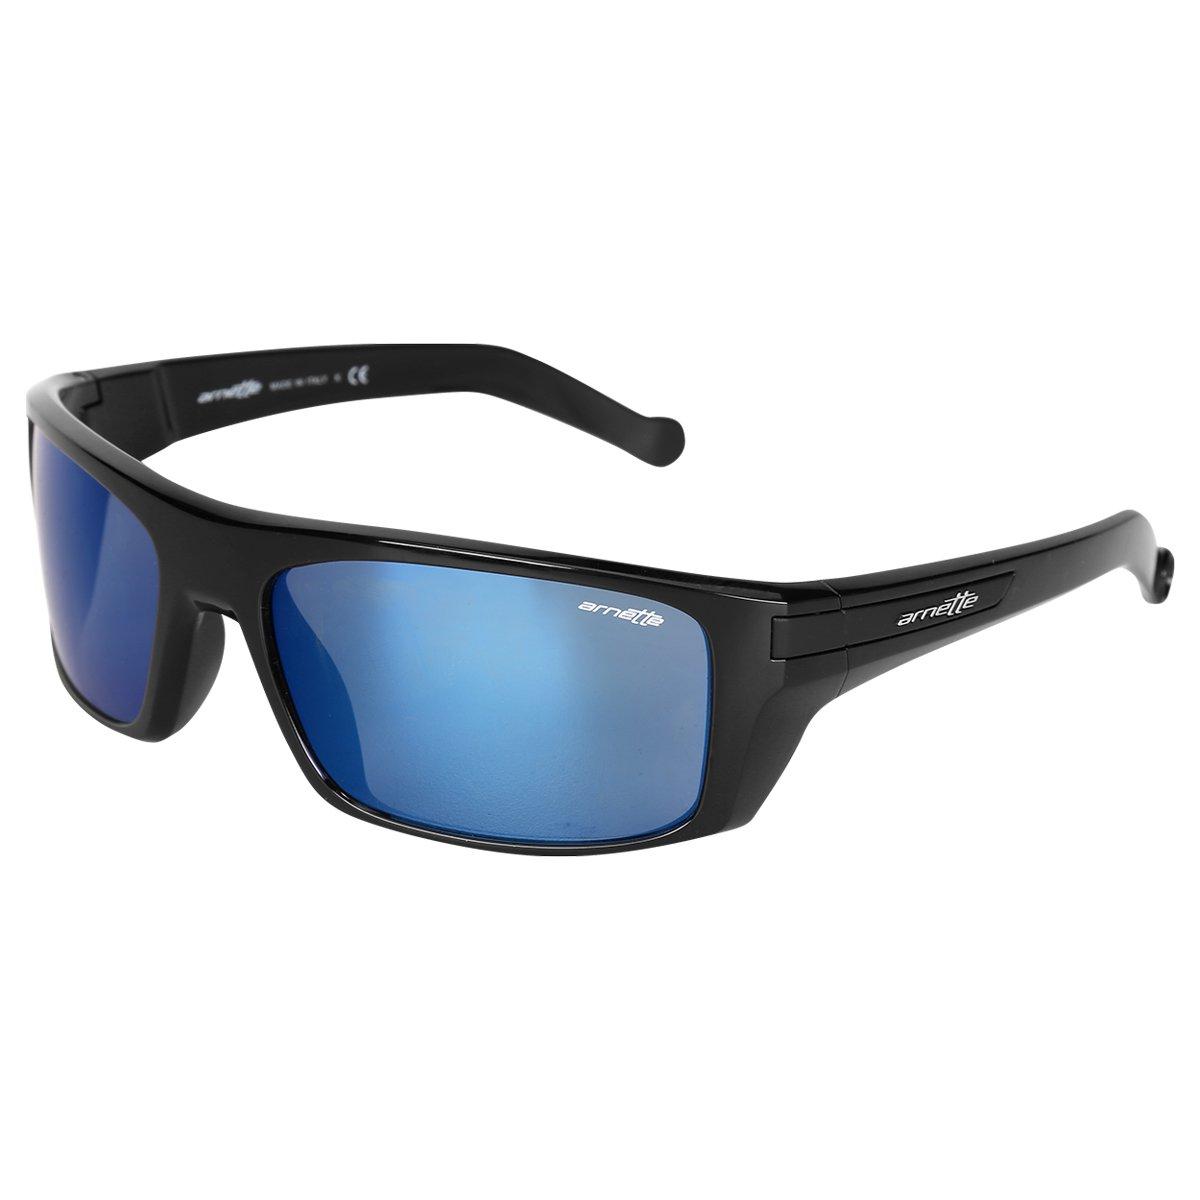 877c88a41cd72 Óculos Arnette Conjure-Espelhado - Compre Agora